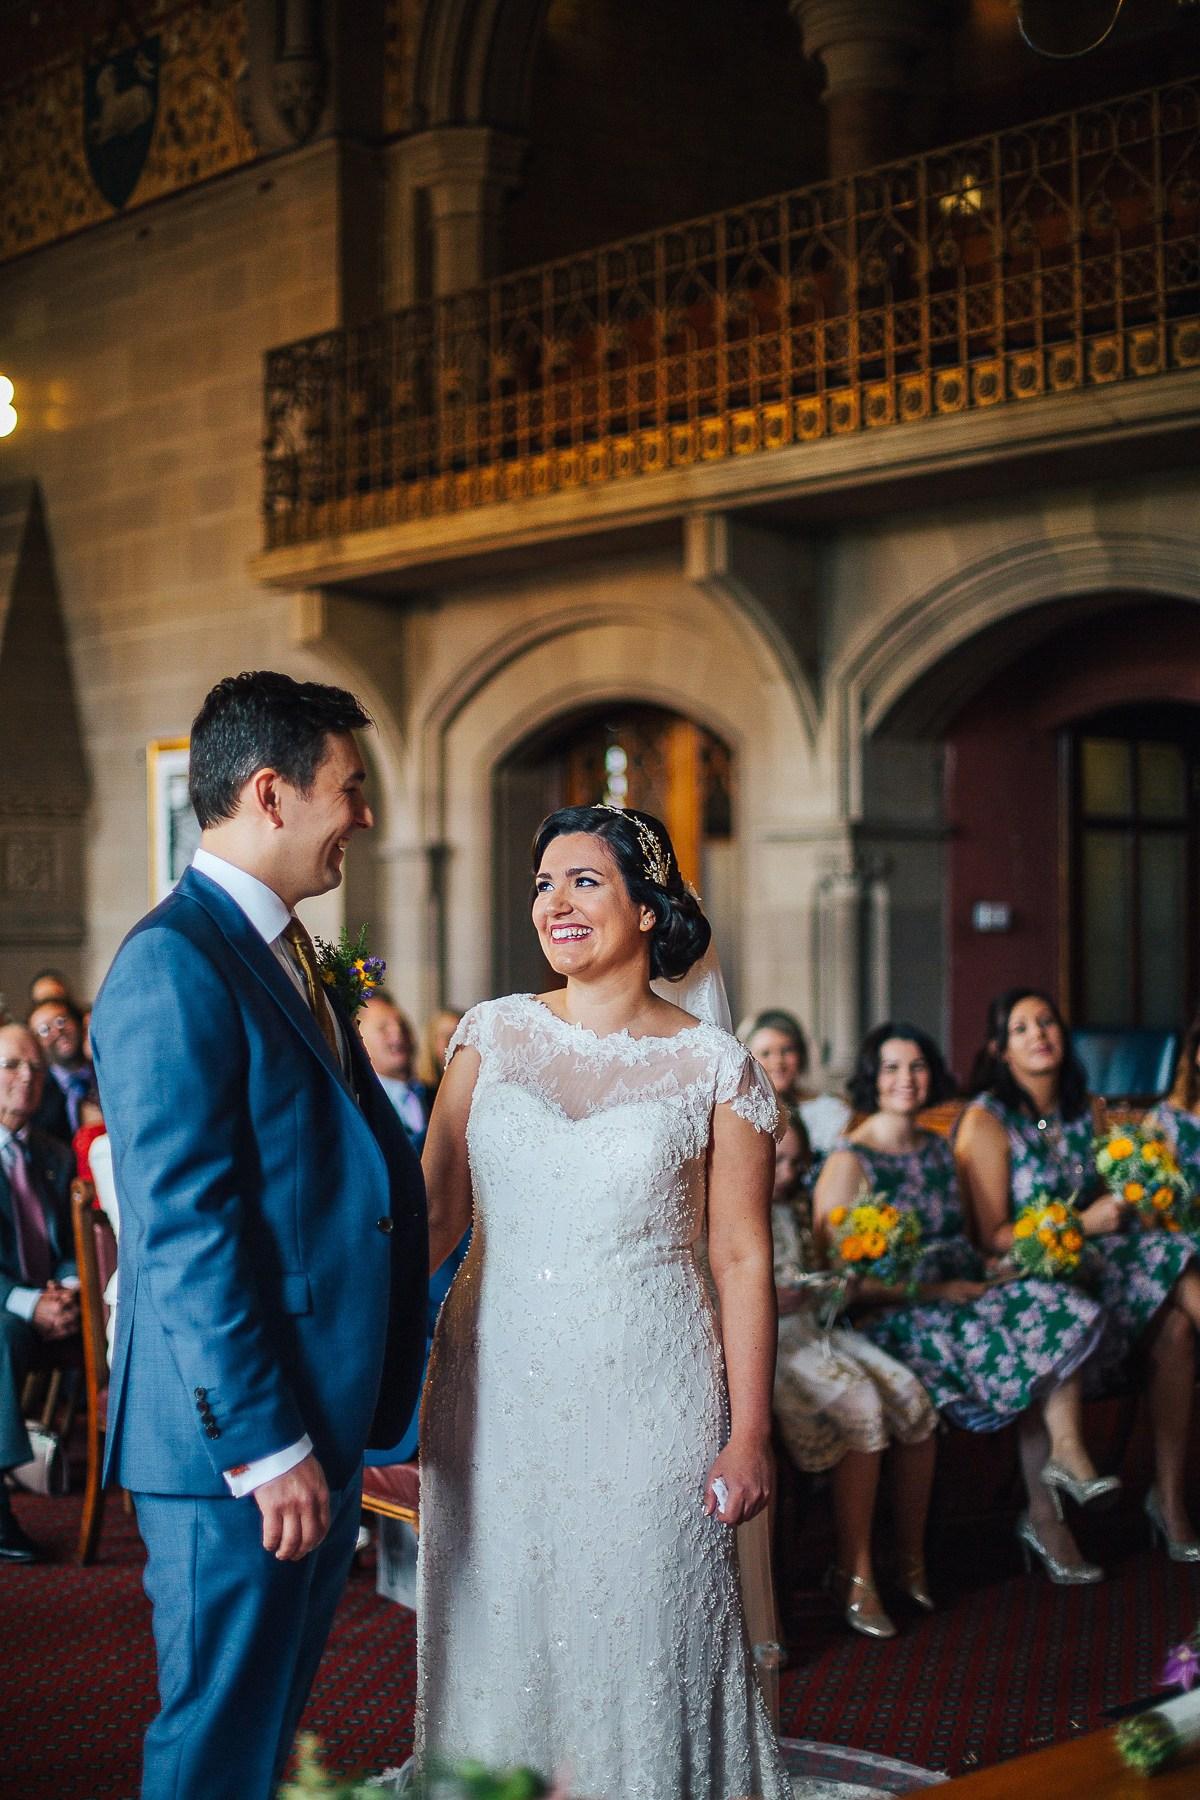 Annasul-Y-vintage-rustic-wedding-34-1.jpg